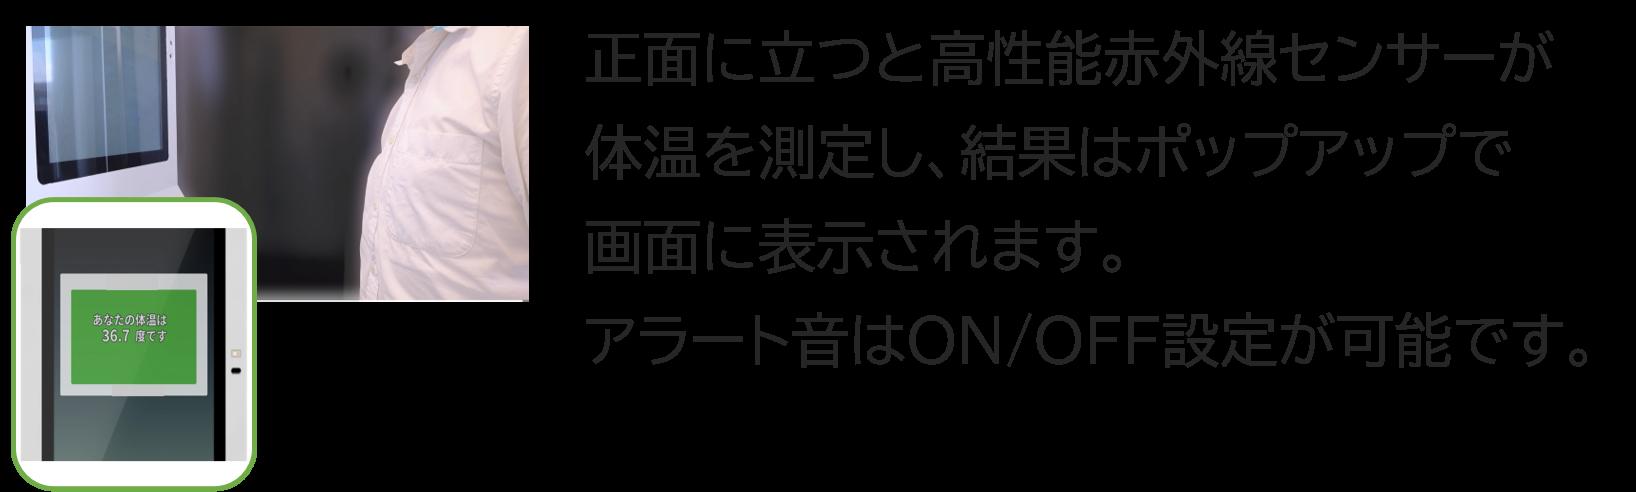 正面に立つと高性能赤外線センサーが体温を測定し、結果はポップアップで画面に表示されます。 アラート音はON/OFF設定が可能です。